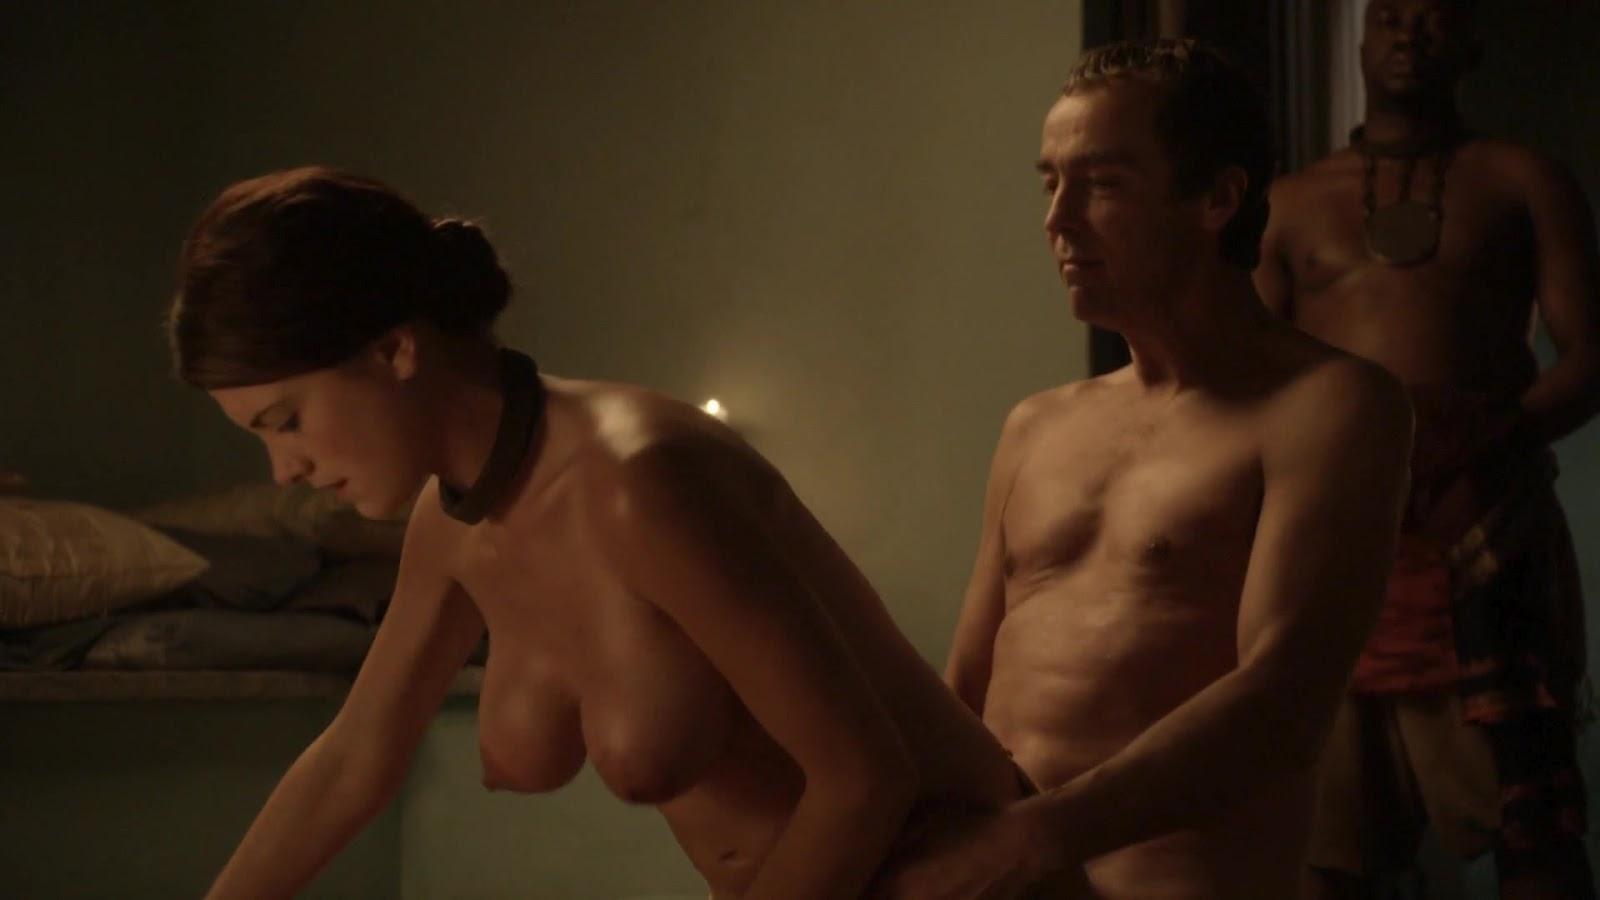 Фрагменты кино порно в